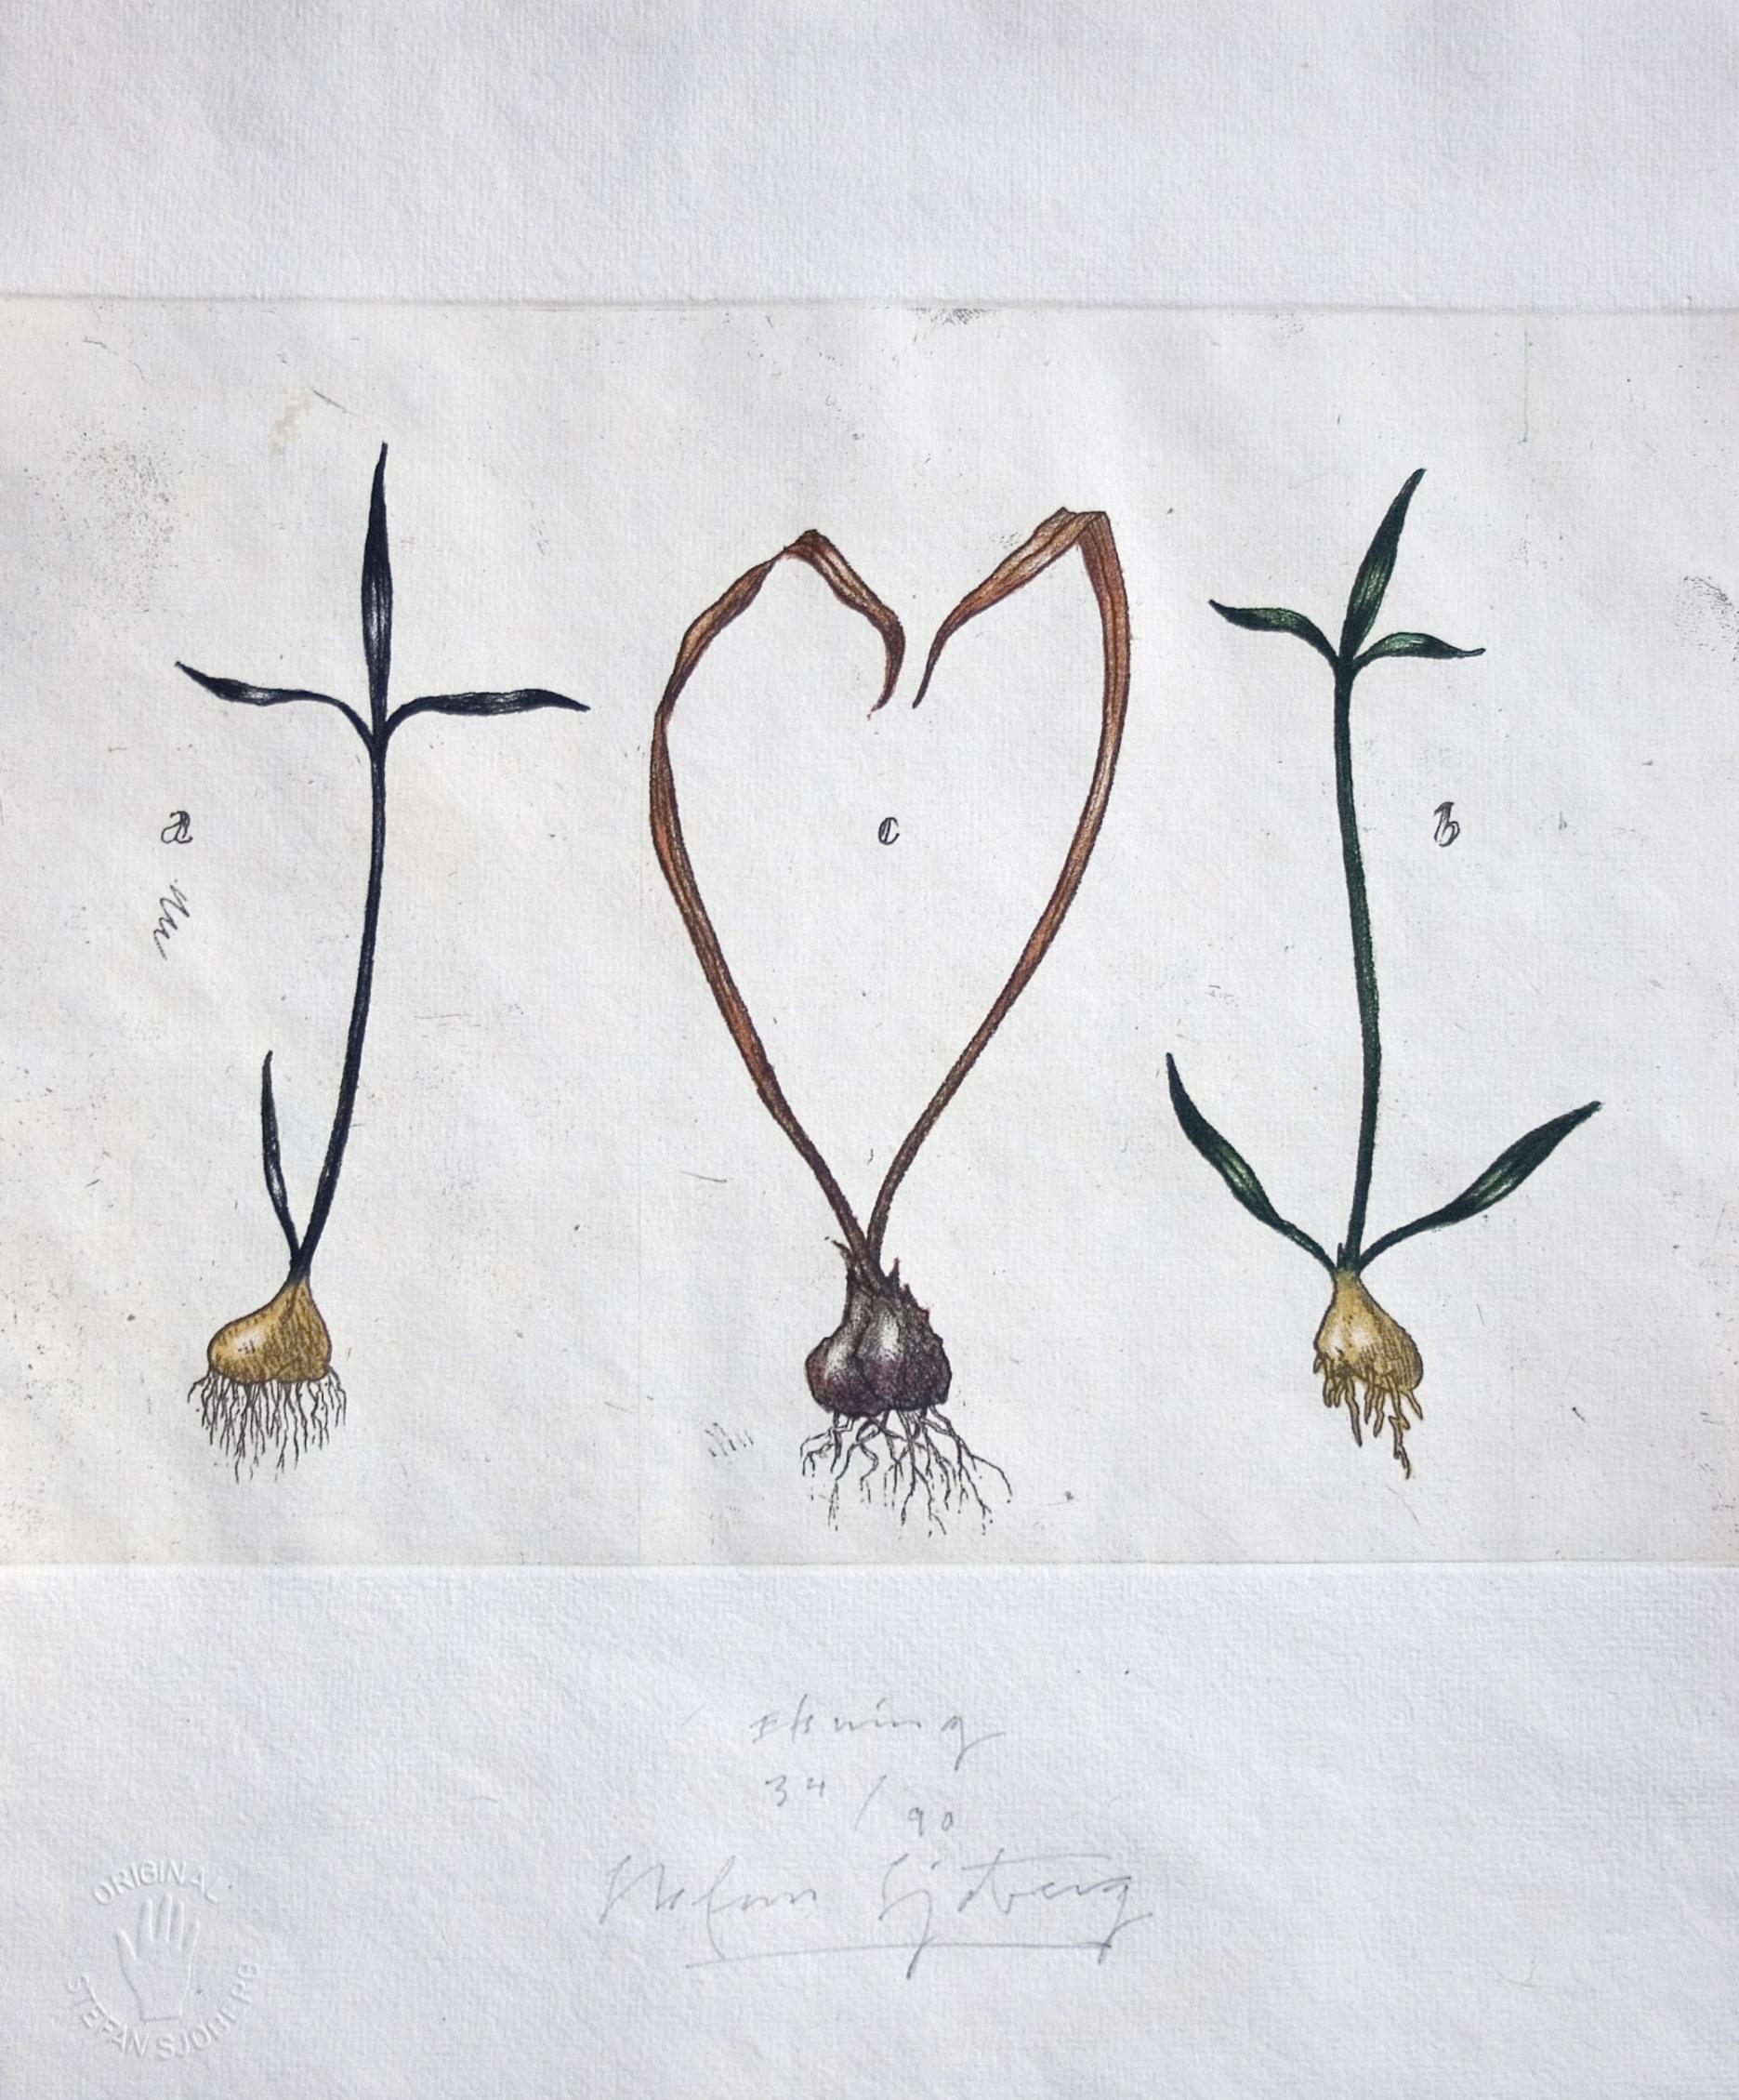 Tro-hopp-kärlek i naturen (5).jpg